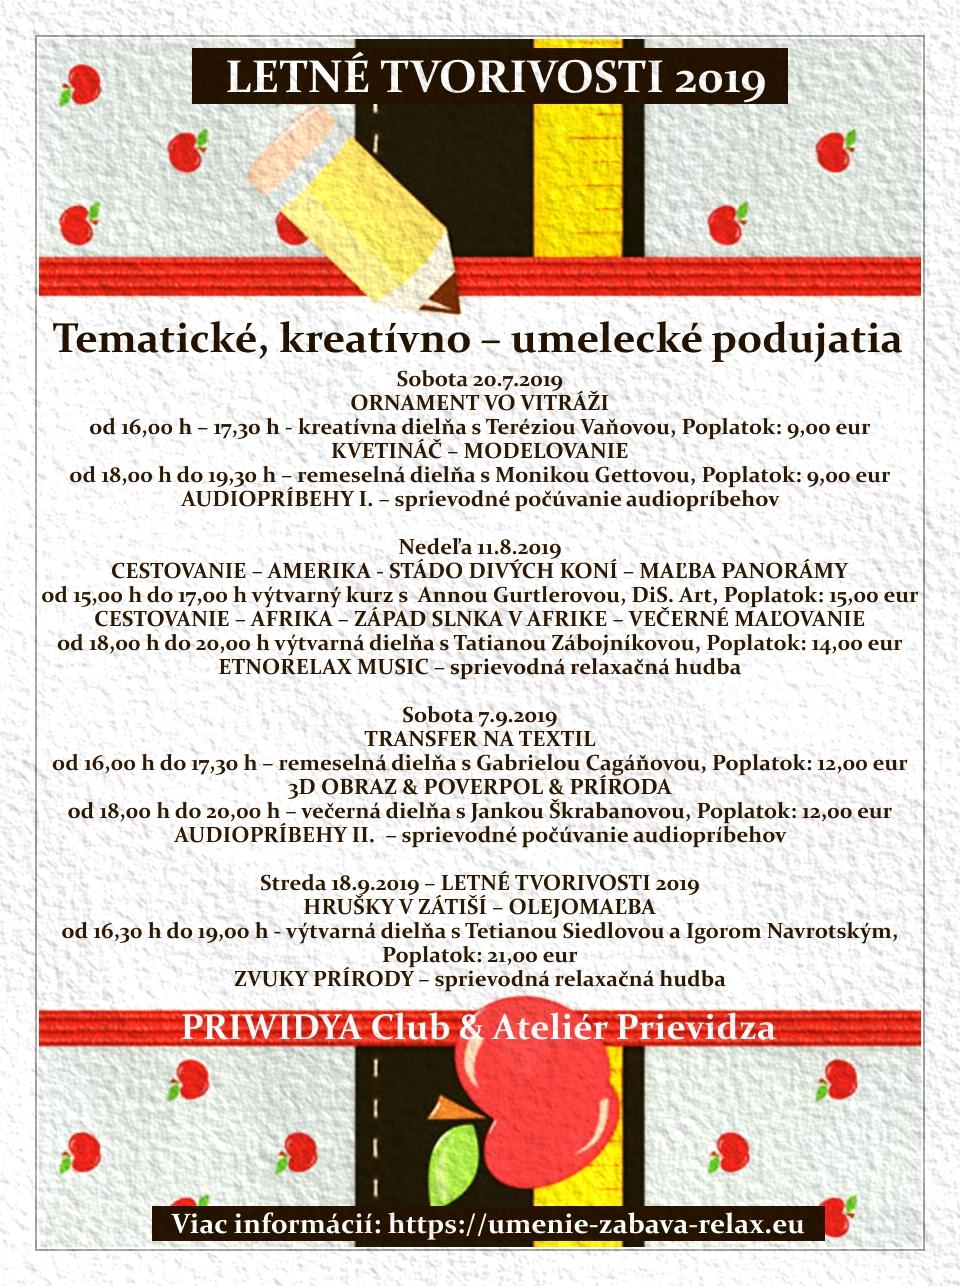 LETNÉ TVORIVOSTI 2019 - Hrušky v zátiší - výtvarná dielňa s I. Navrotským a T. Siedlovou